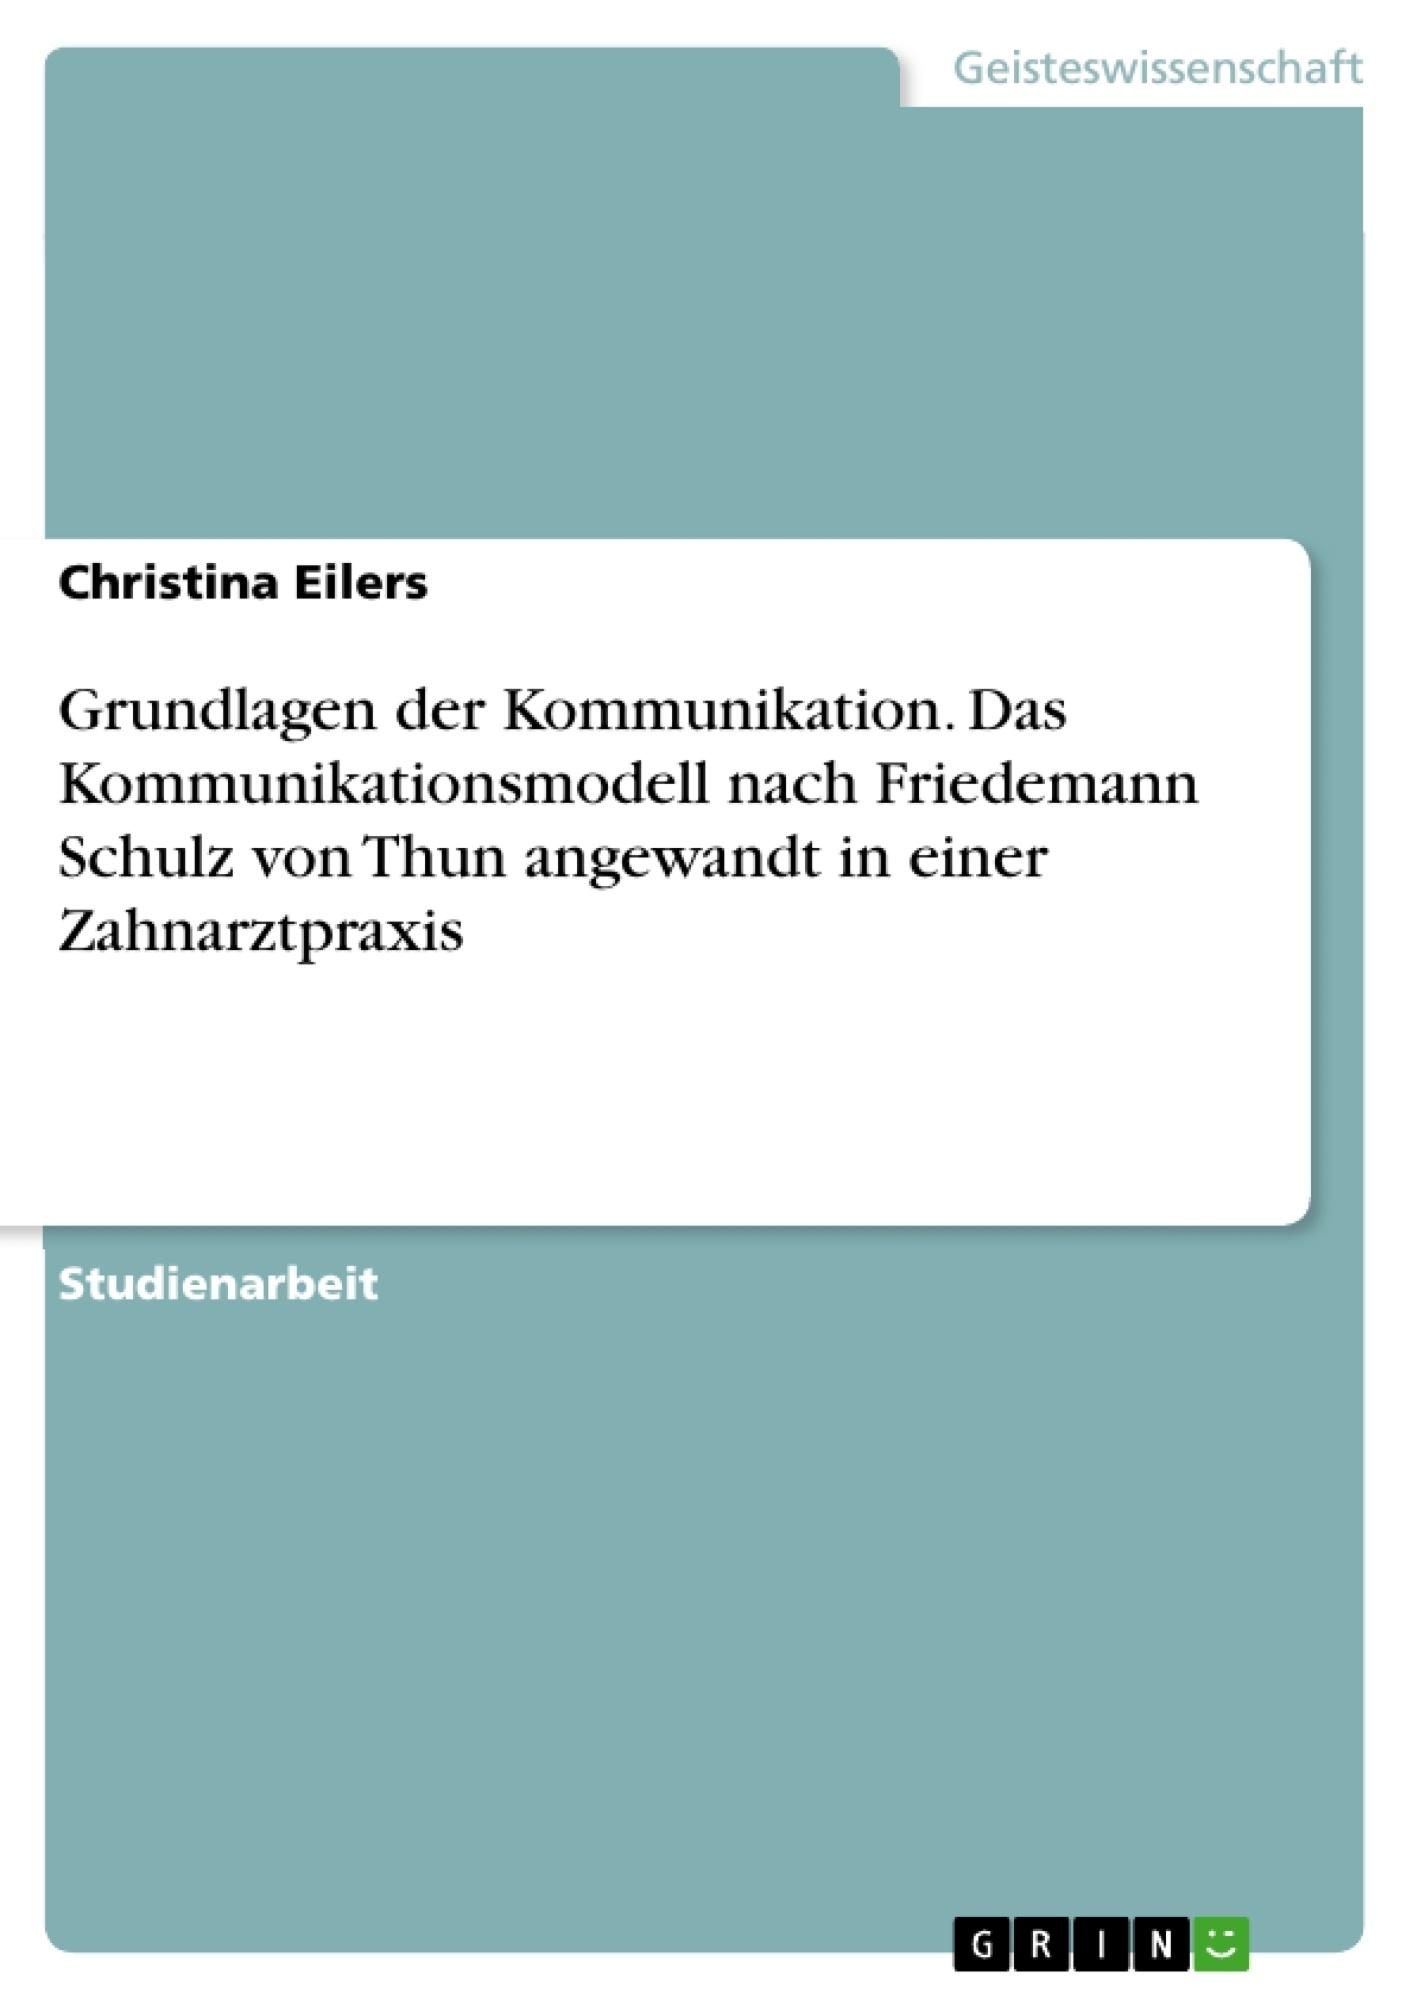 Titel: Grundlagen der Kommunikation. Das Kommunikationsmodell nach Friedemann Schulz von Thun angewandt in einer Zahnarztpraxis